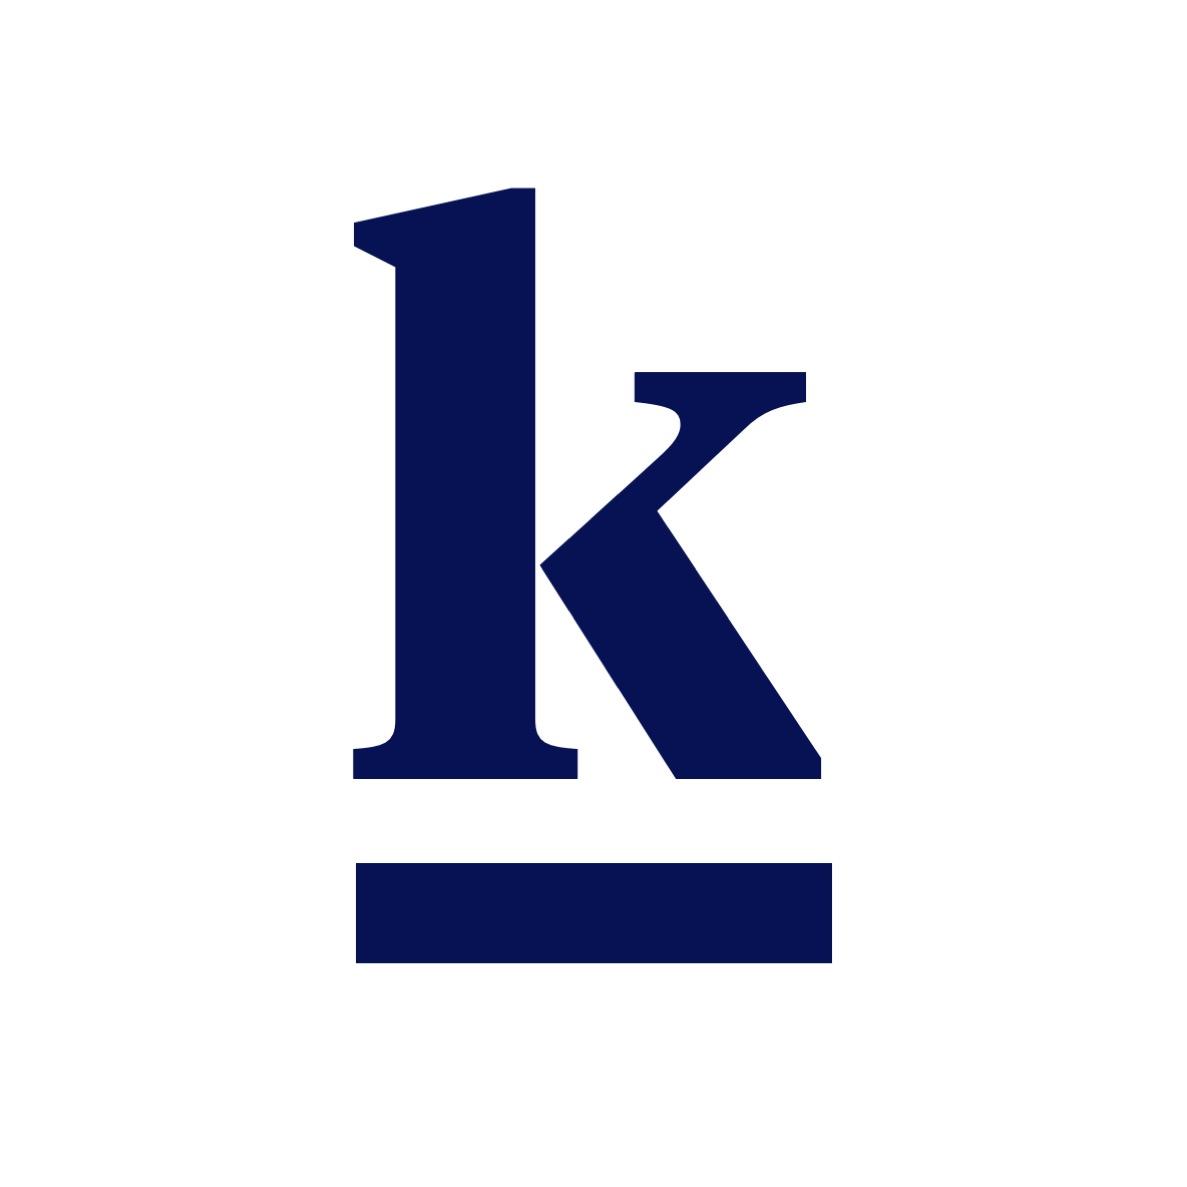 LOGO KAORI INVERTED COLORS